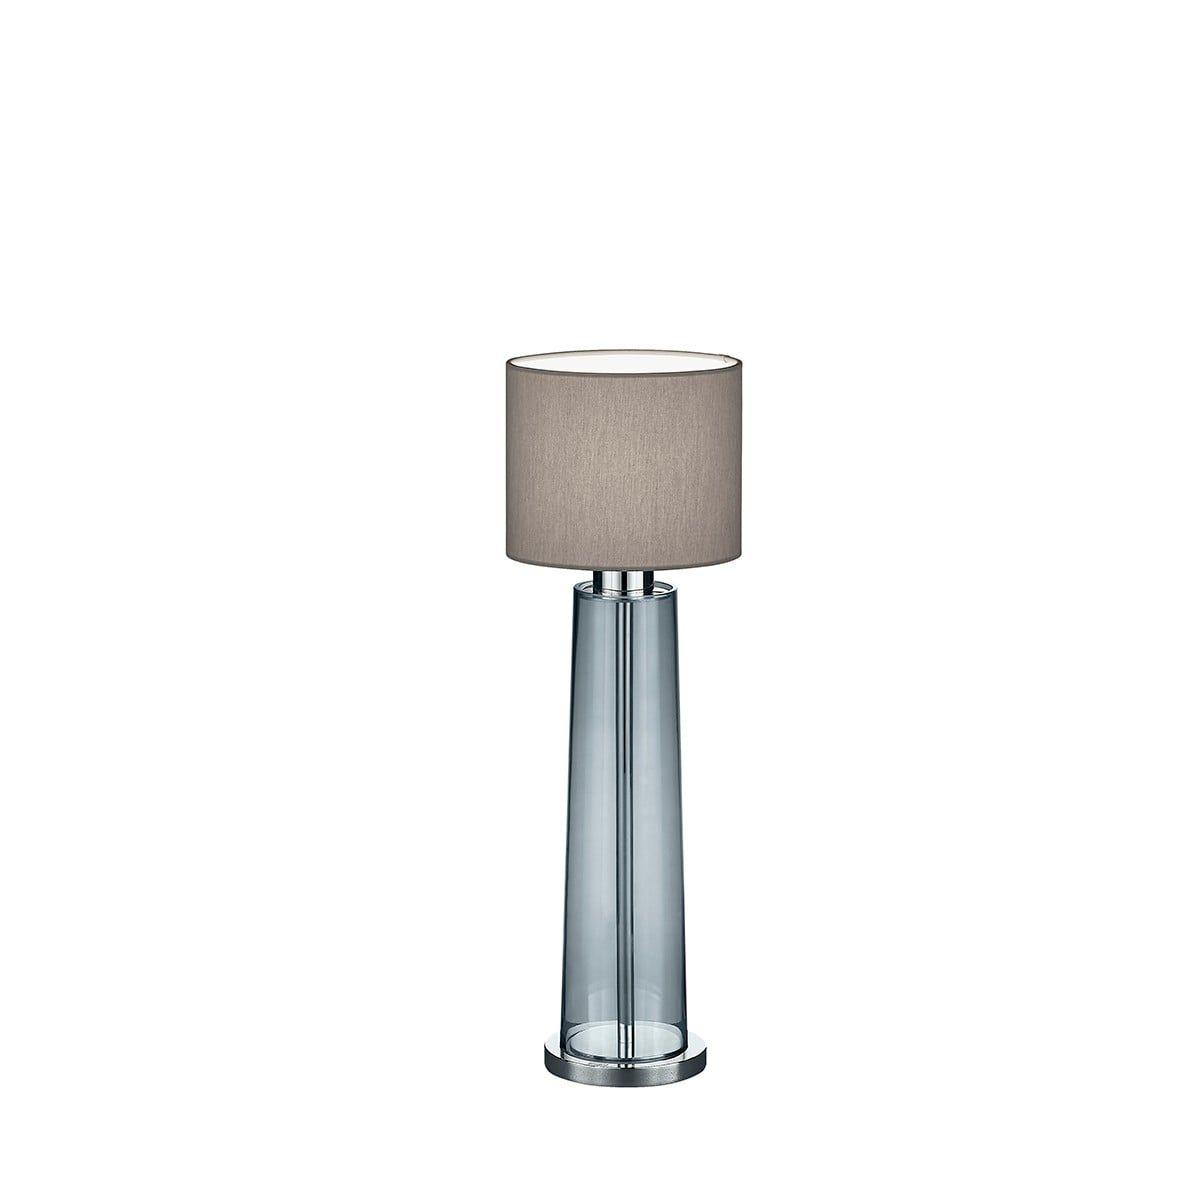 Gunstige Lampen Online Shop Tischleuchte Kugel Seilsystem Leuchten Led Lampe Mit Batterie Und Bewegungsmelder Rauchglas Lampe Mit Batterie Tischleuchte